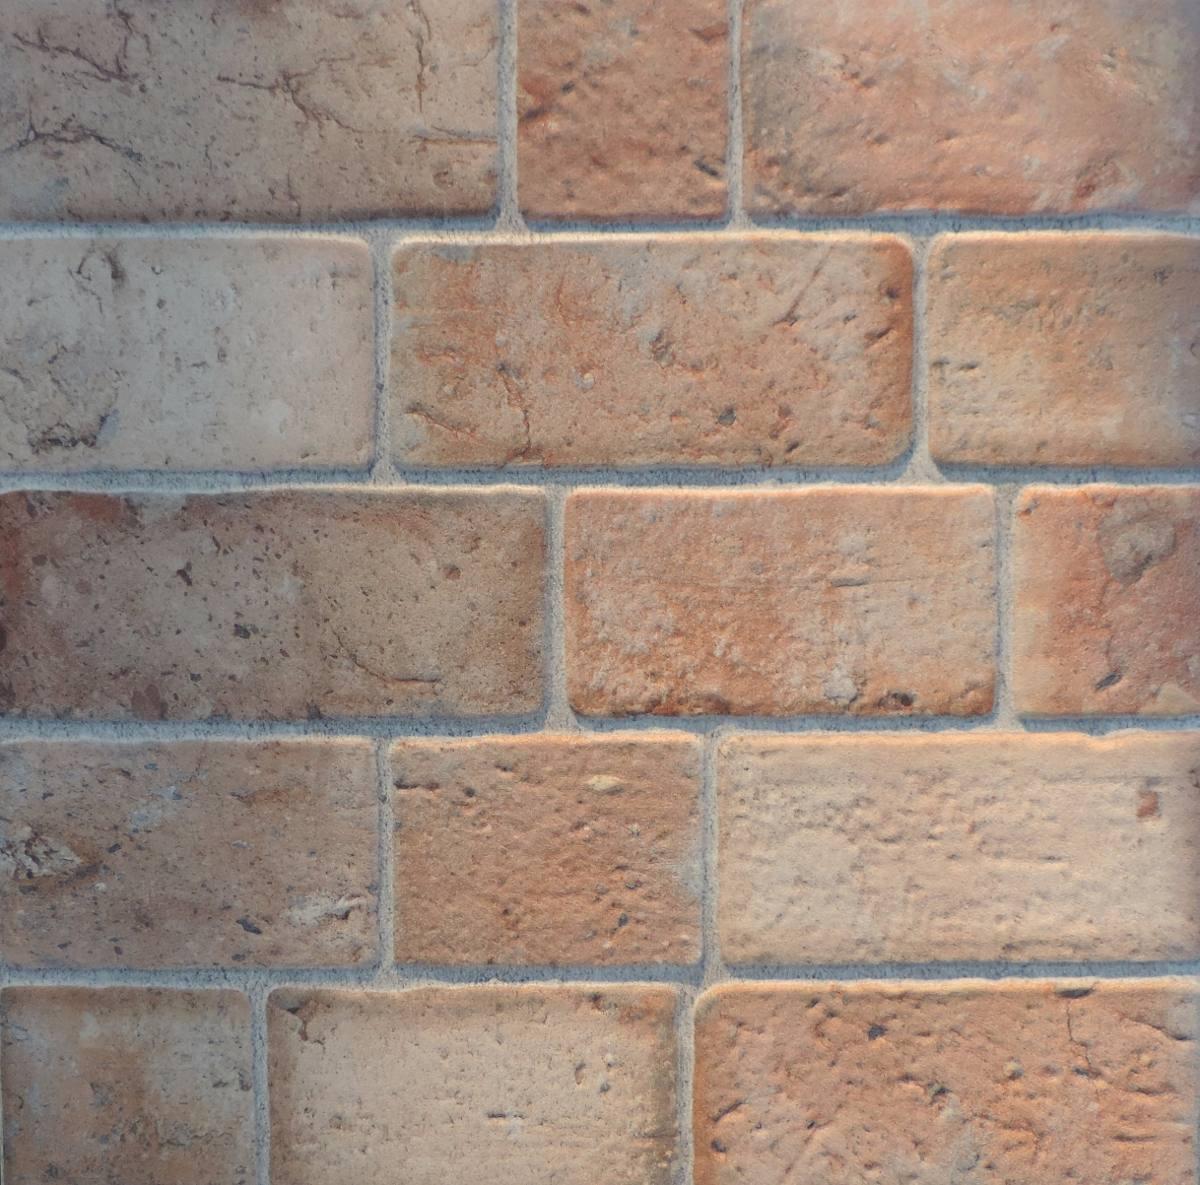 ceramica piso pared exterior interior primera ceramicasuy